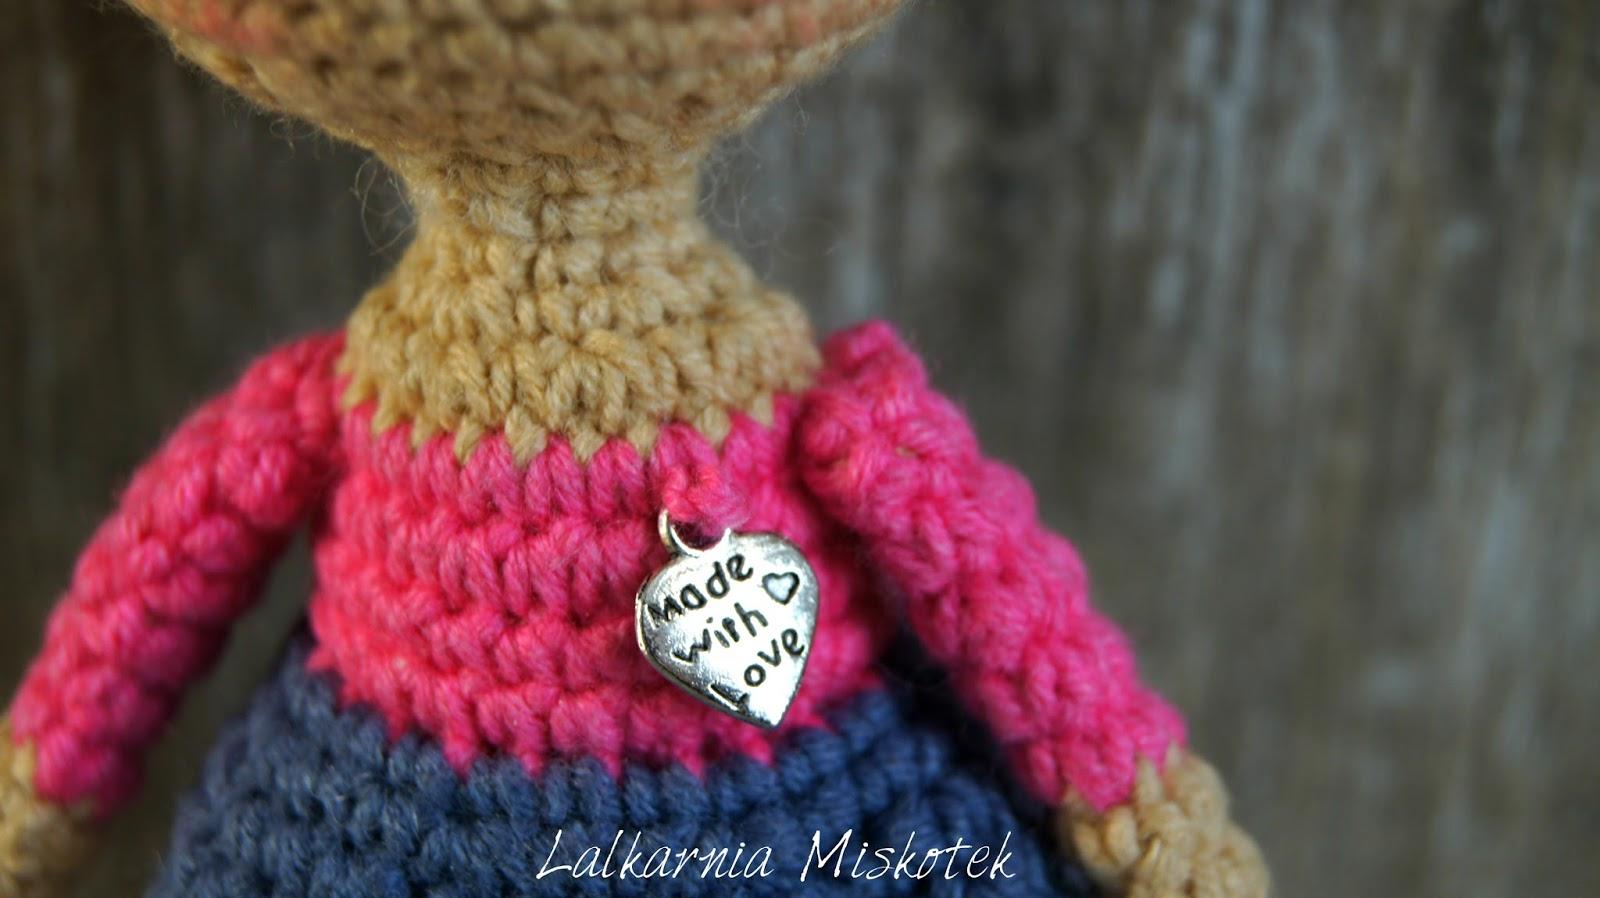 Lalki szydełko, lalki handmade, lalki ręcznie robione